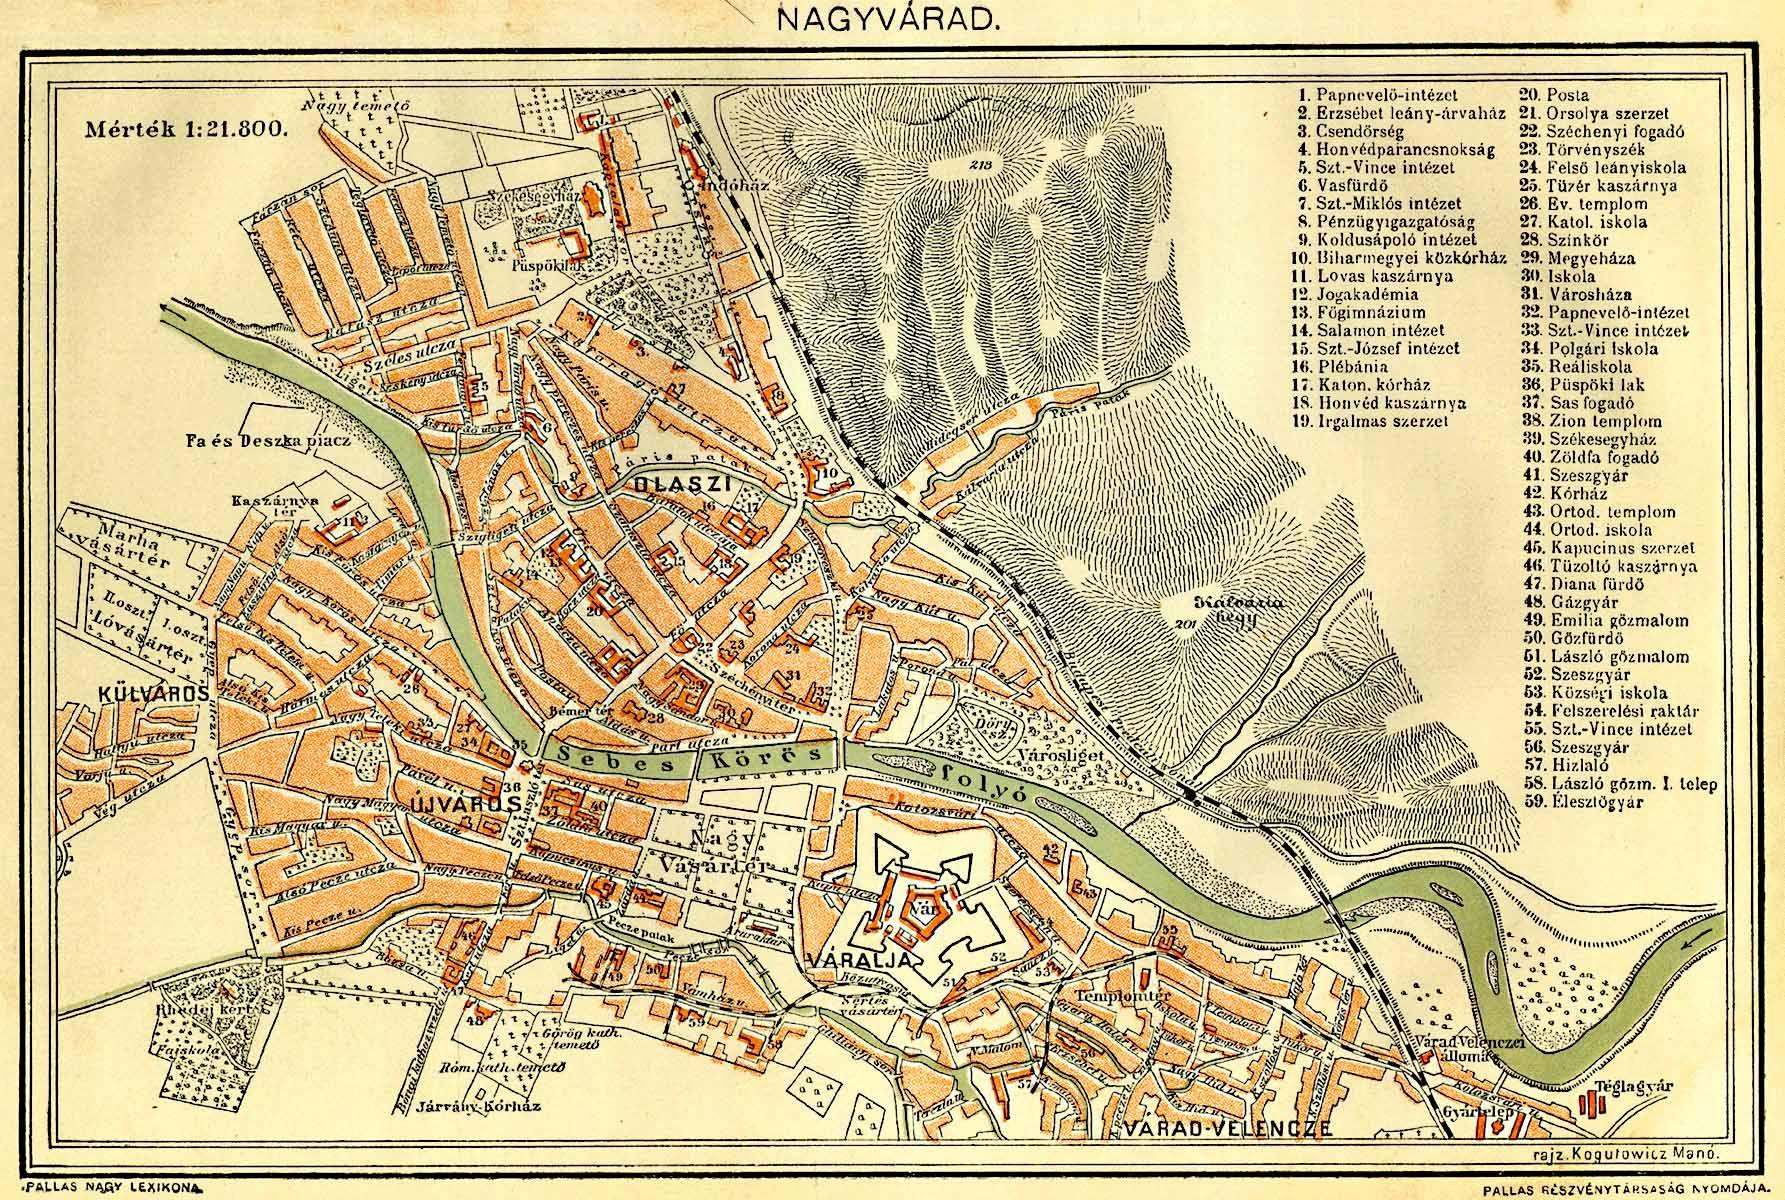 nagyvárad térkép Nagyvárad Velence   Magyarország vasútállomásai és vasúti  nagyvárad térkép